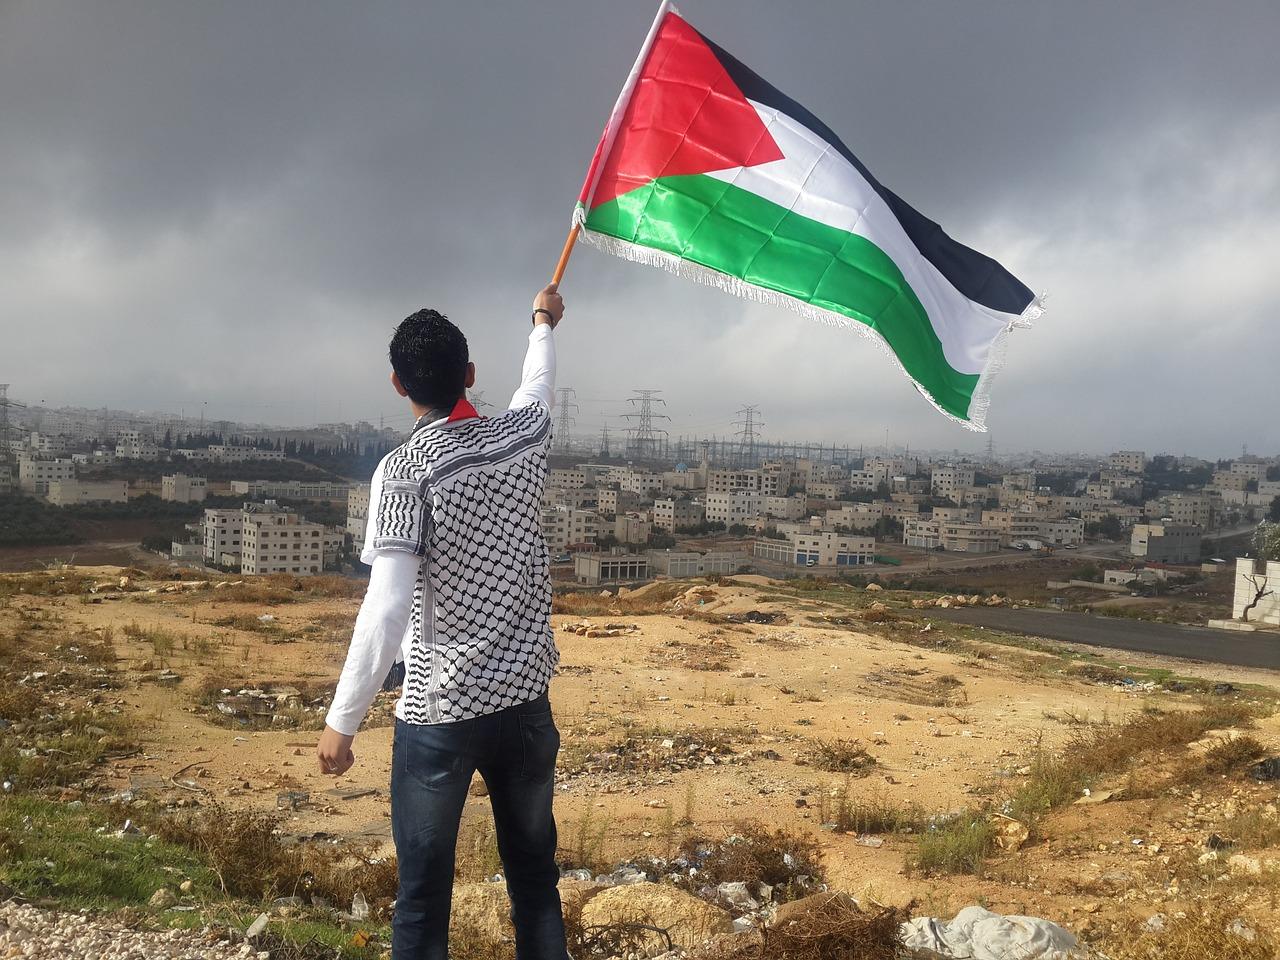 Palestine/Israël: Non à l'annexion ! La paix passe par la reconnaissance de l'État palestinien – rassemblement le 01/07 à 18 h place de la Liberté .